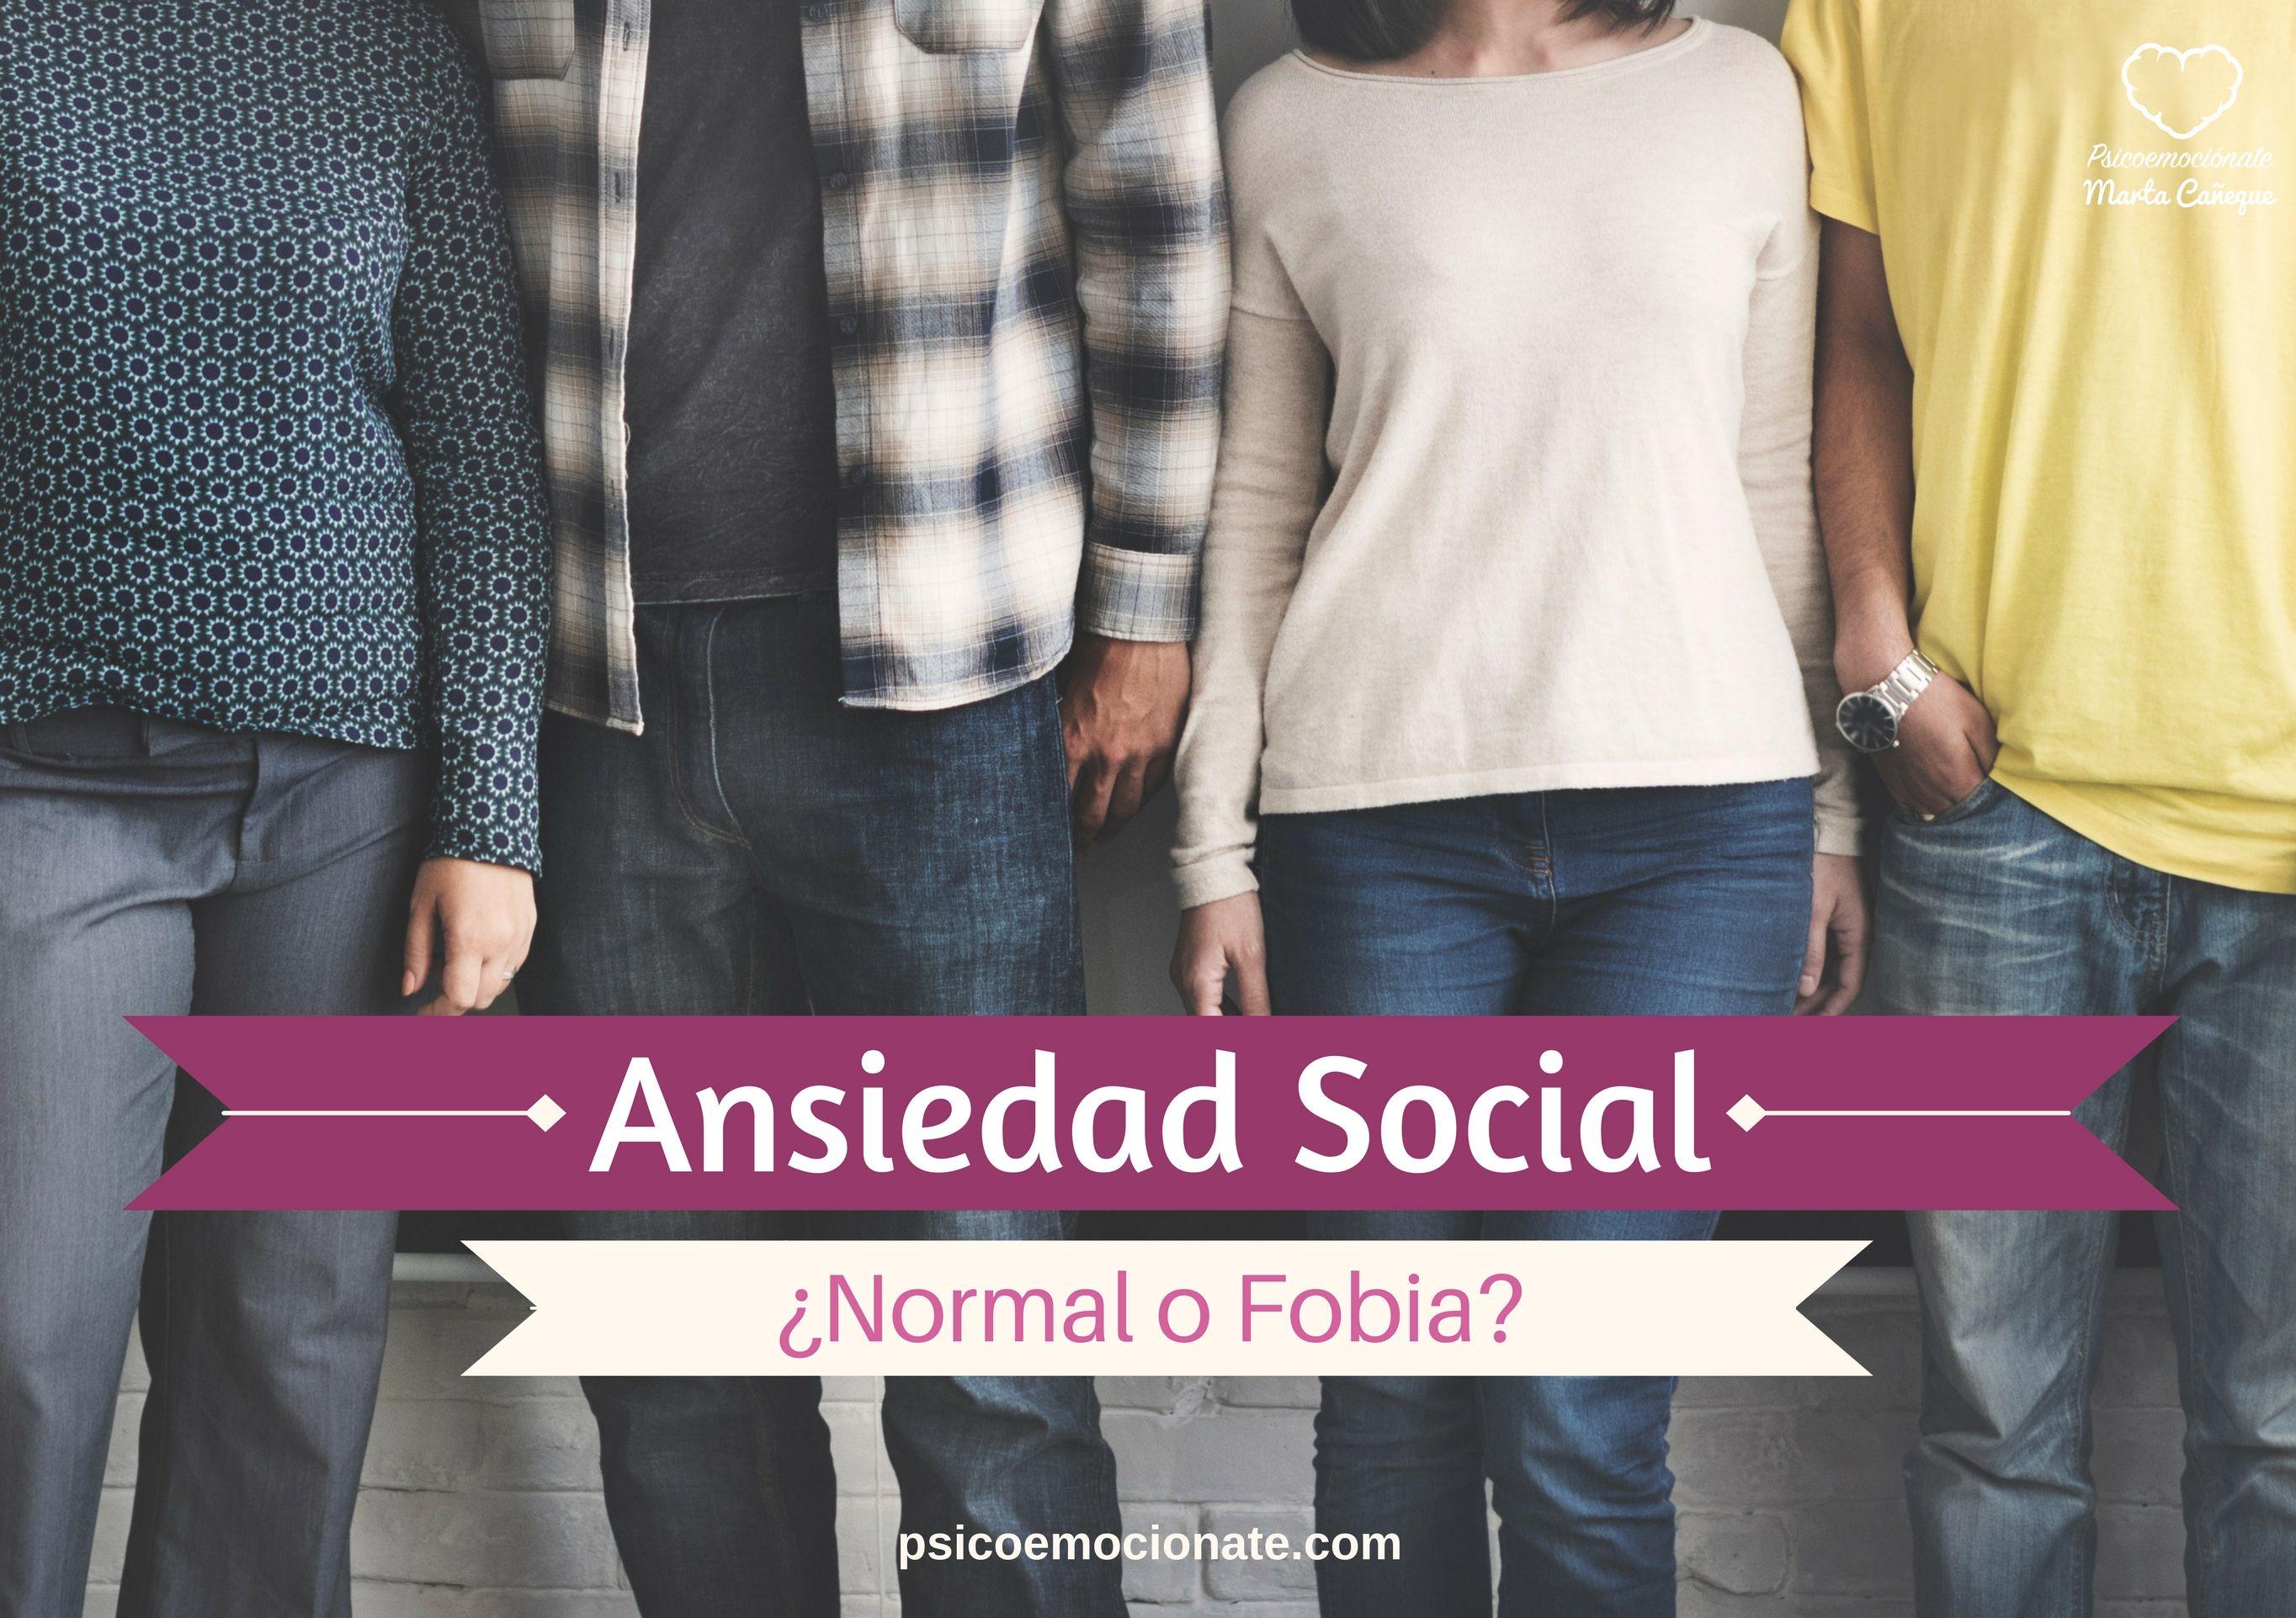 Ansiedad Social o Fobia Social Psicoemocionate